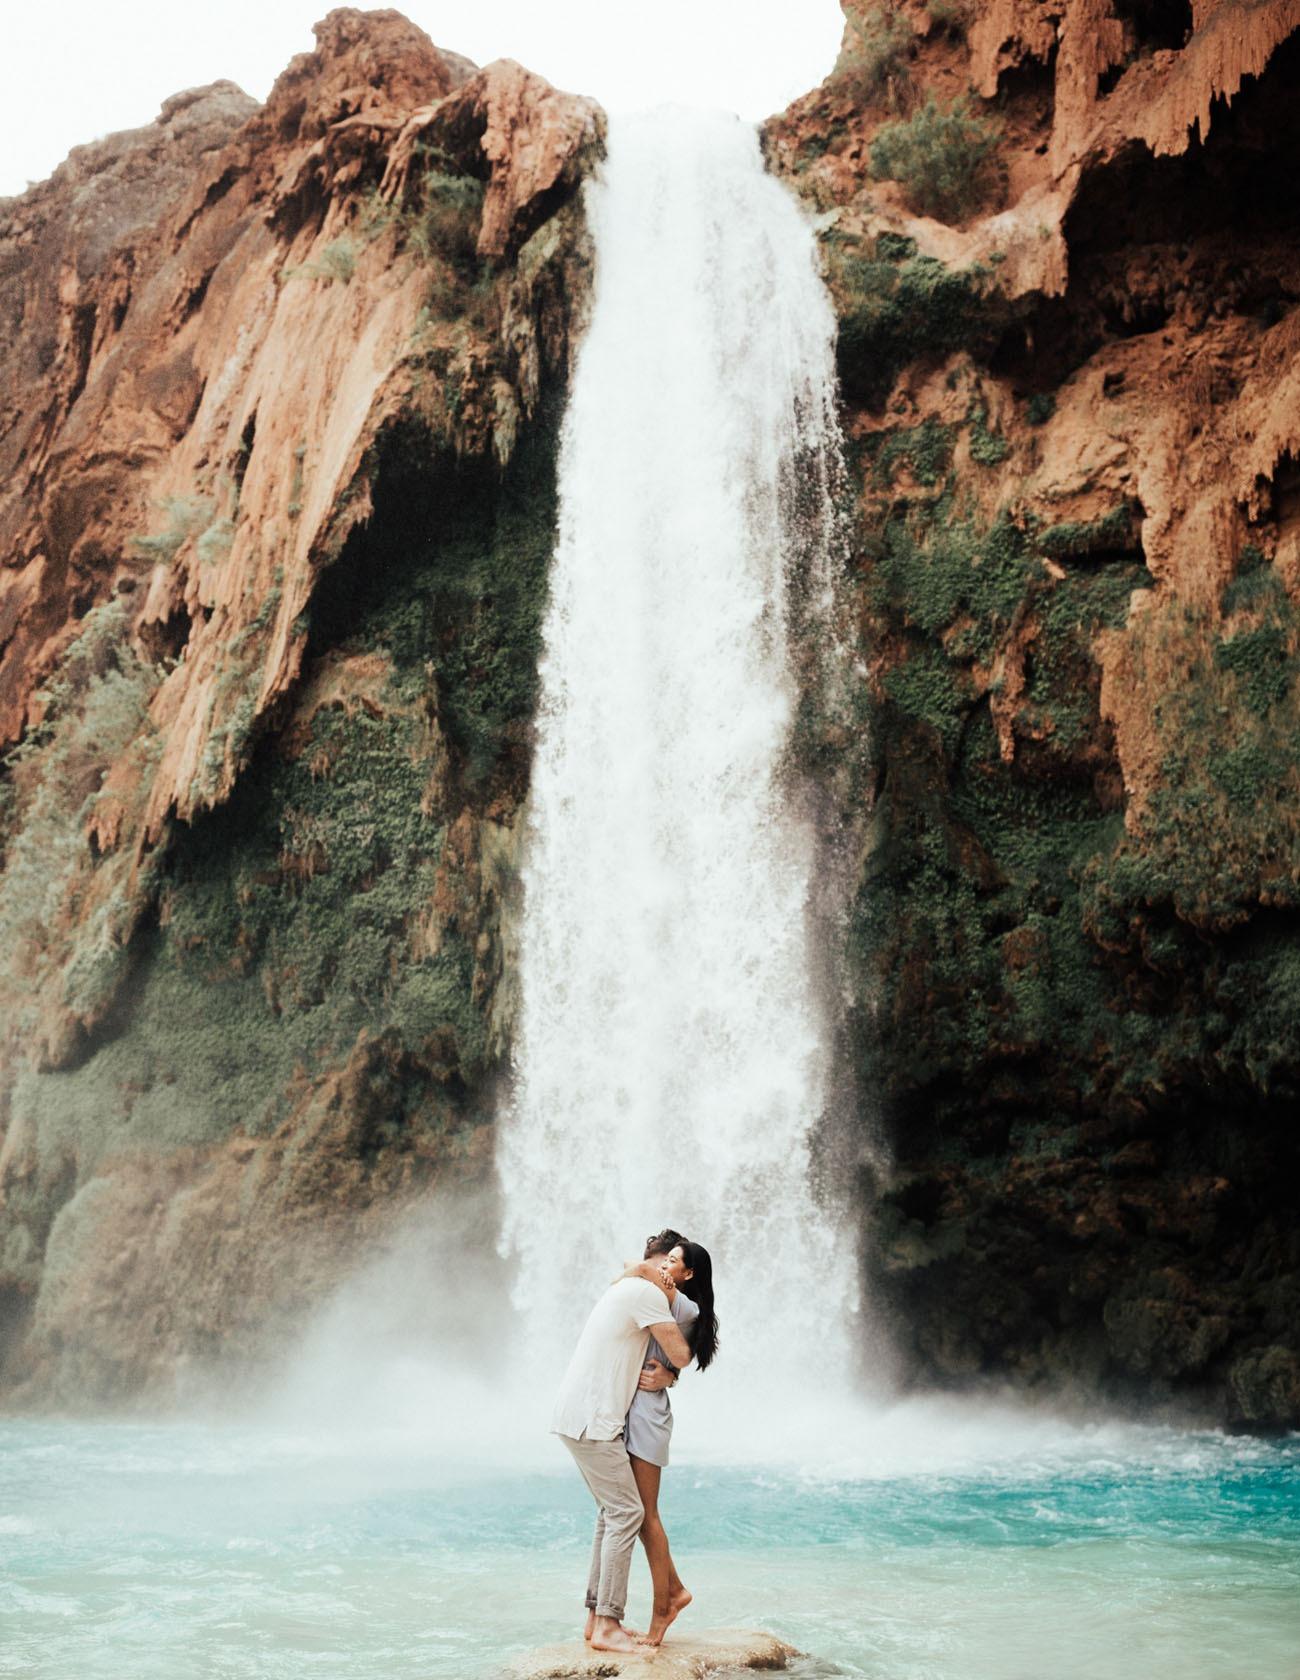 Havasu Falls Arizona honeymoon destinations in the US